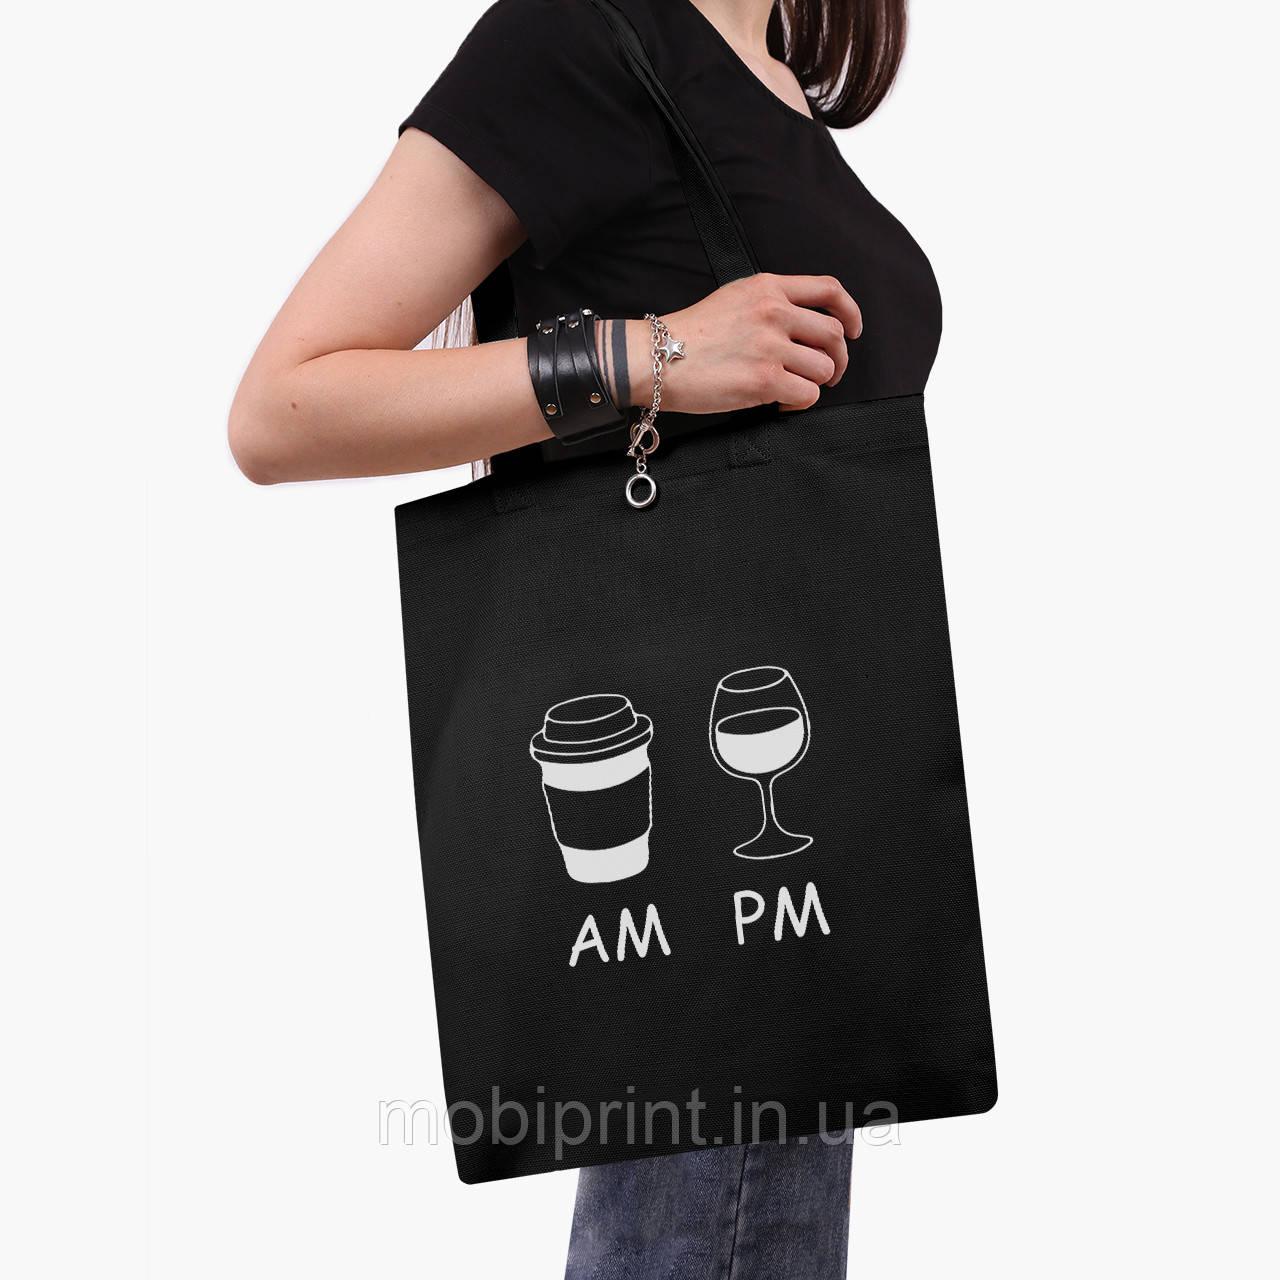 Еко сумка шоппер чорна Кава вранці, вино вночі AM/PM (coffee in the morning wine at night) (9227-1640-2) 41*35